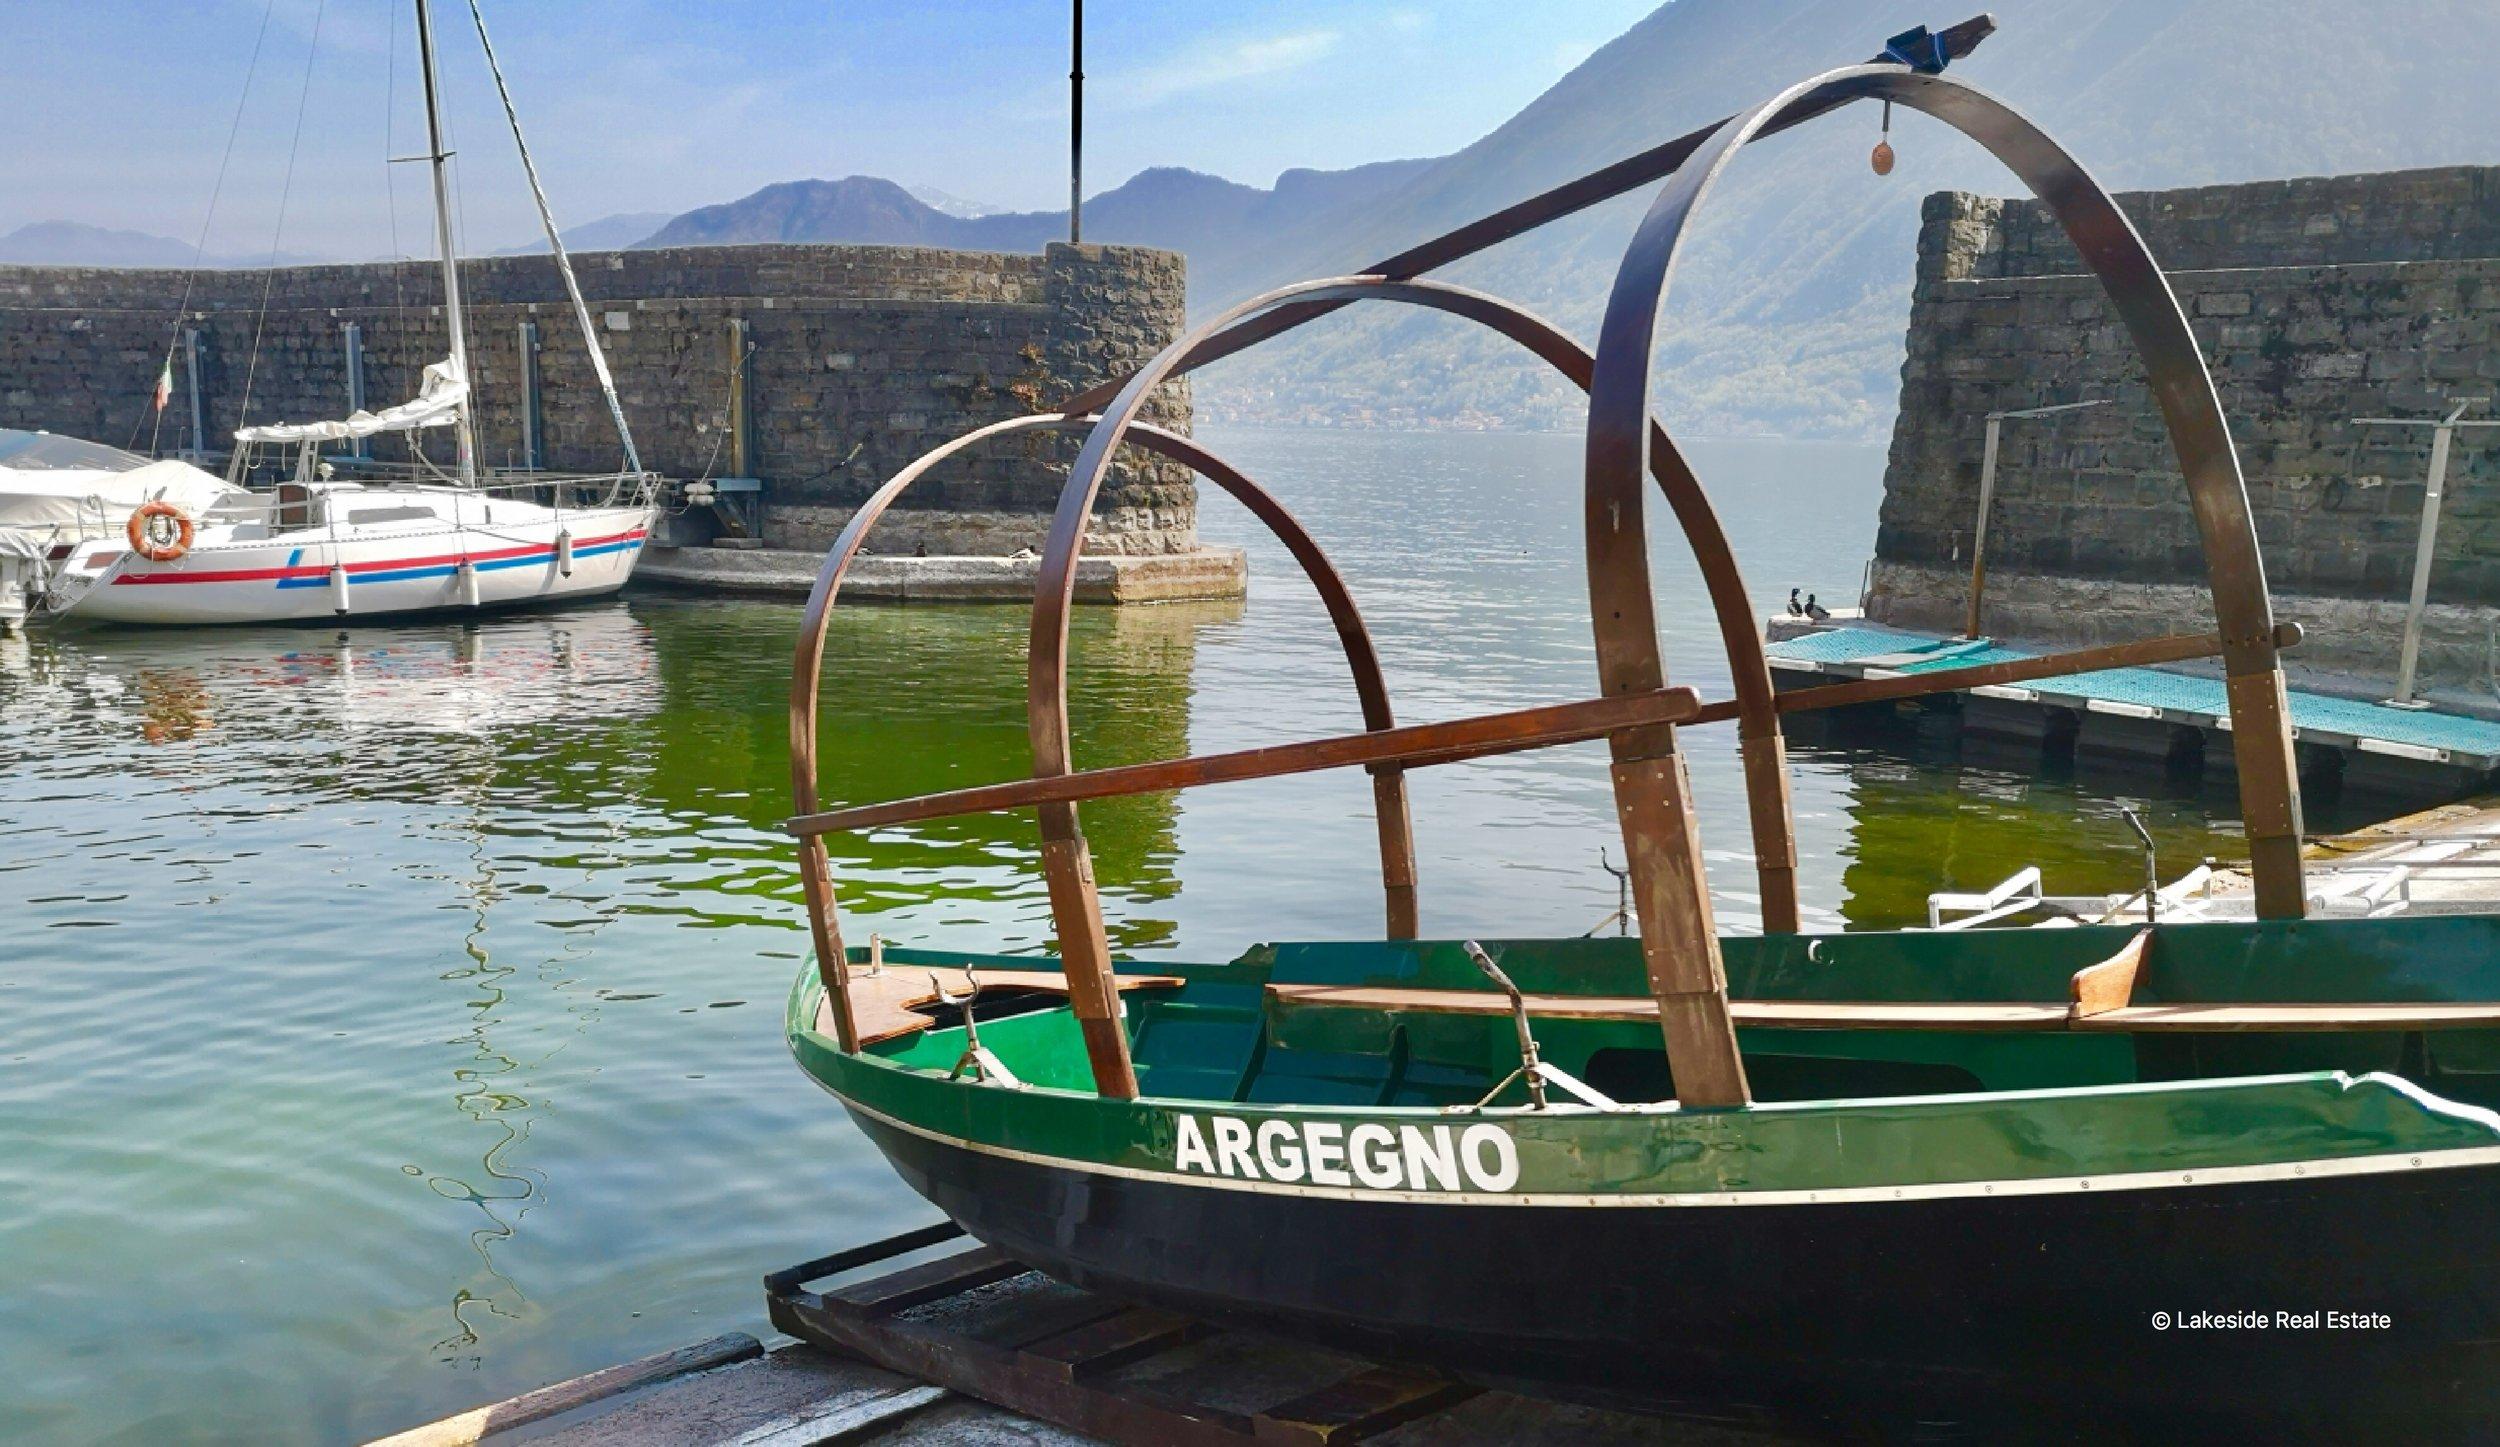 A Batèll in Argegno